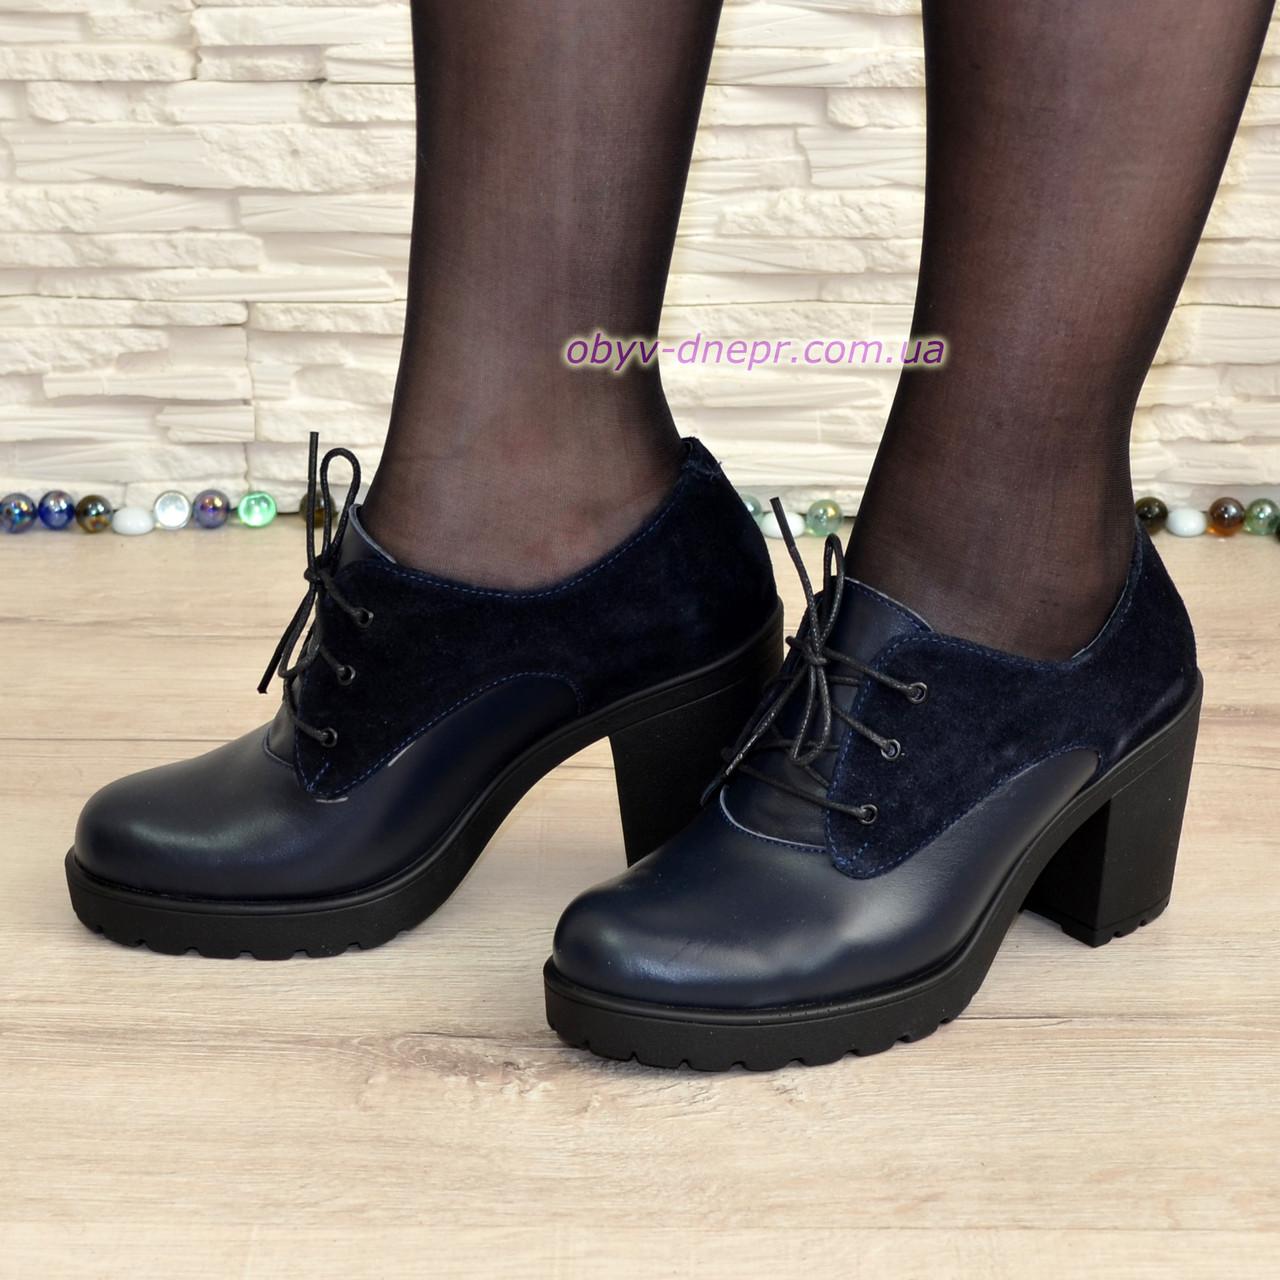 Женские синие туфли на устойчивом каблуке